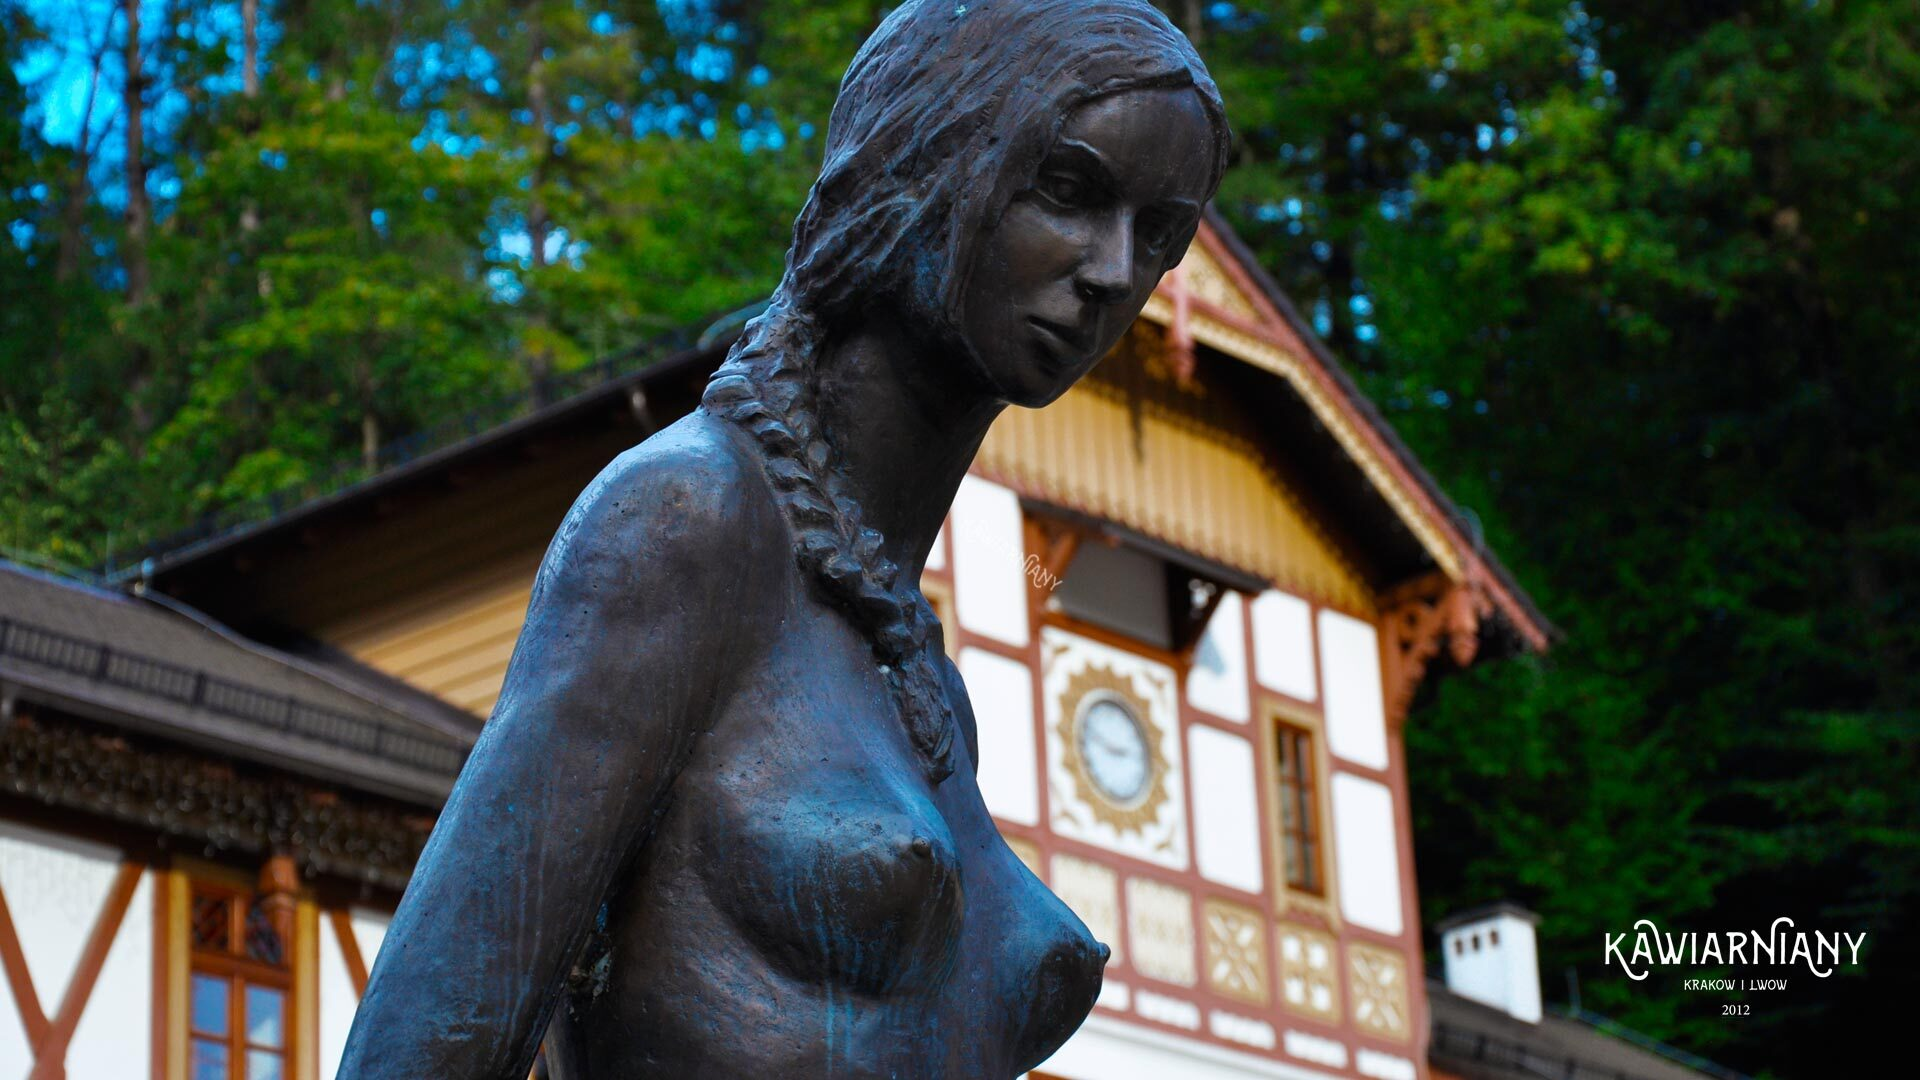 Kobieta z dzbanem – Fontanna w Szczawnicy. Historia i lokalizacja